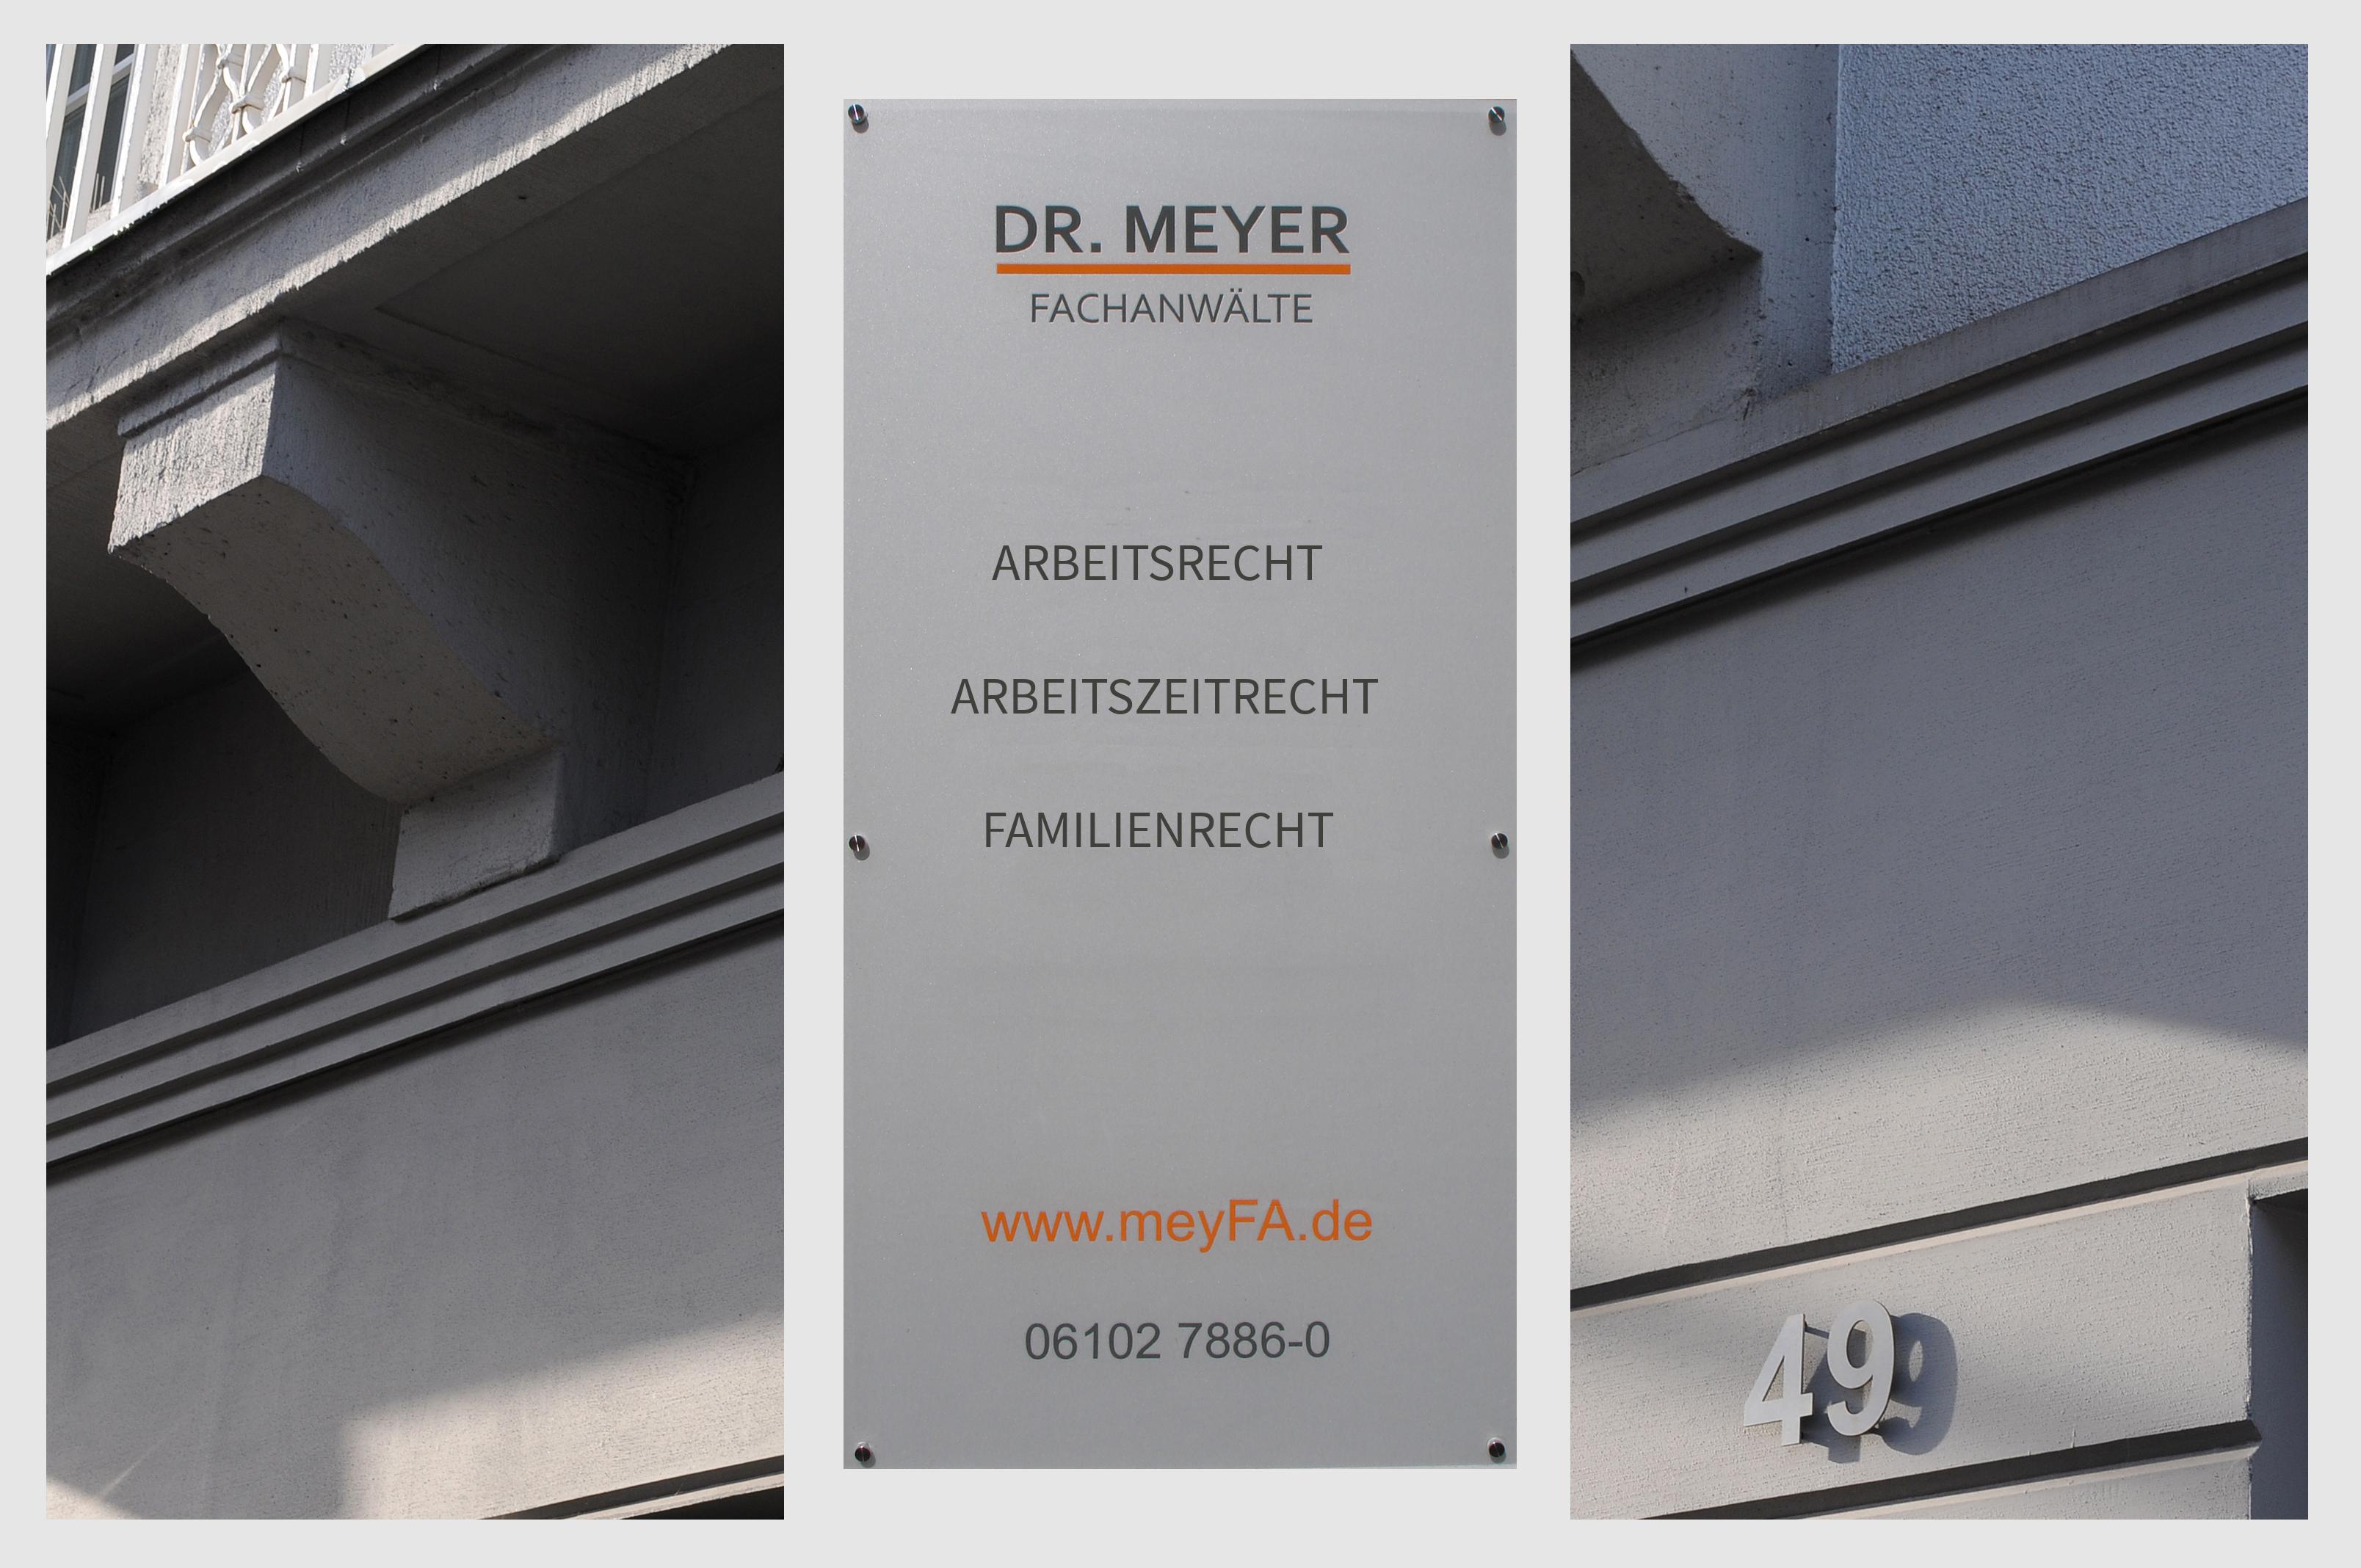 Dr. Meyer Fachanwälte, Arbeitsrecht, Arbeitszeitrecht, Familienrecht